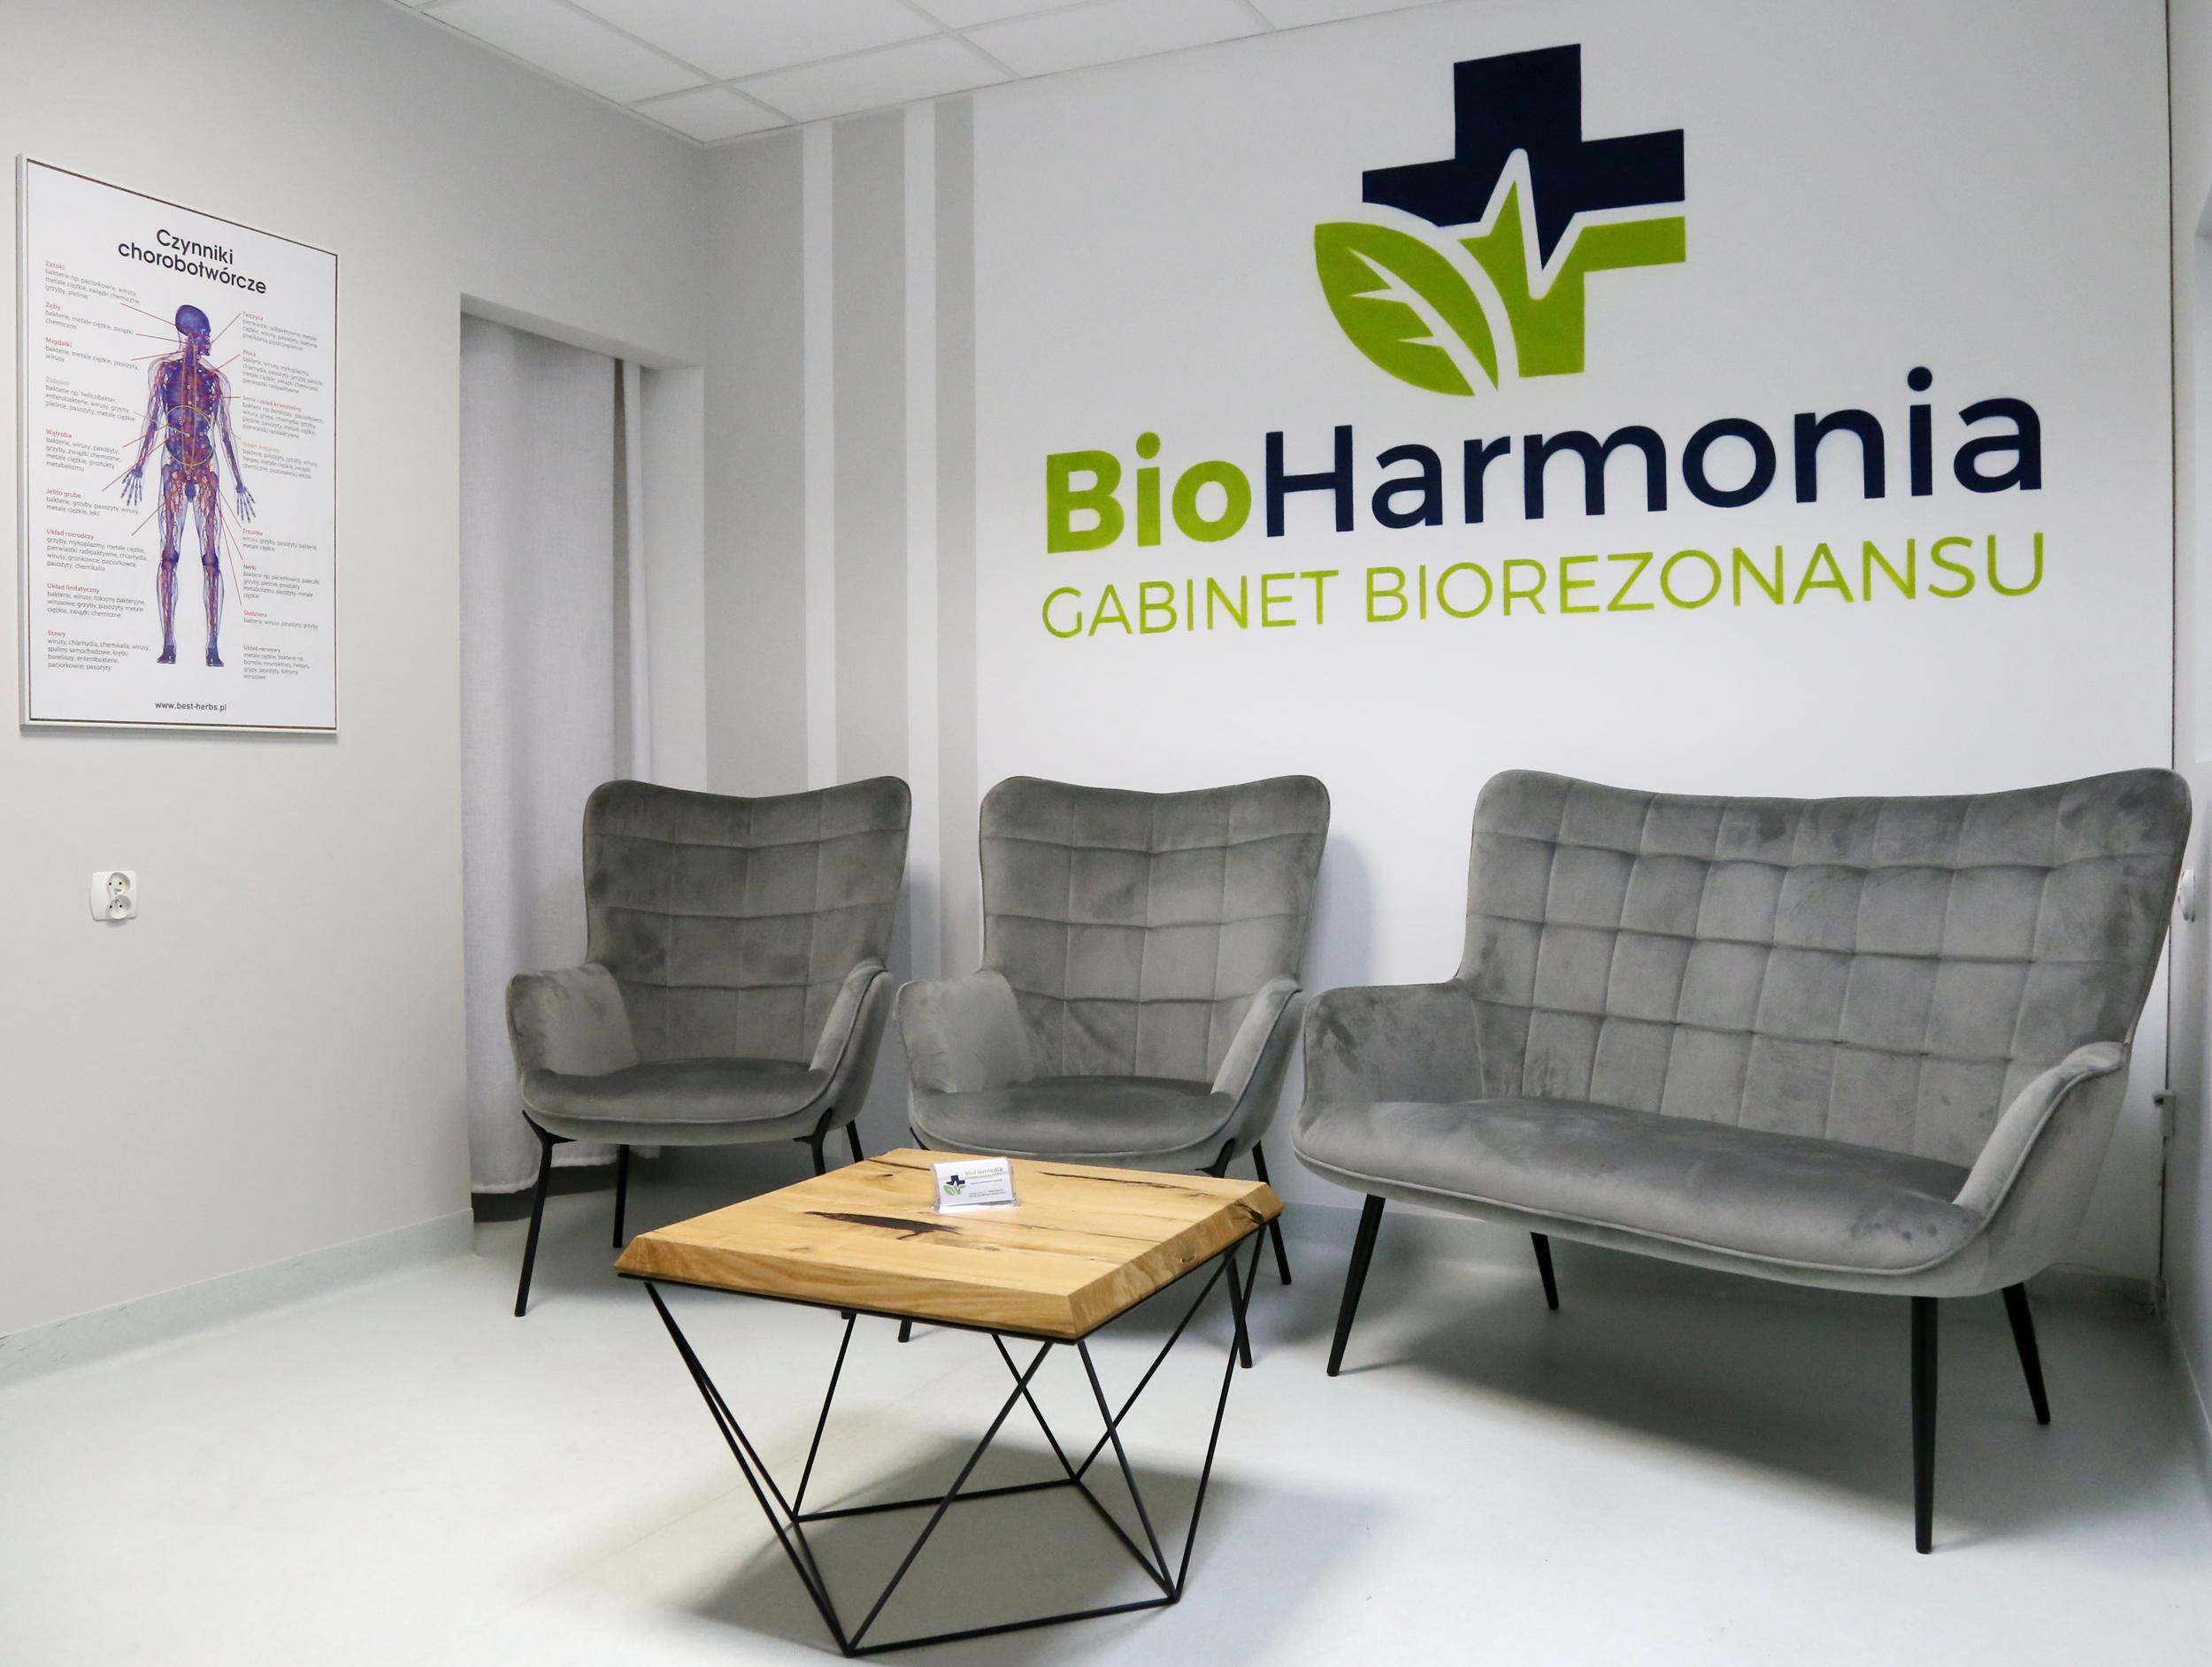 BioHarmonia.pl - gabinet biorezonansu w Białymstoku - diagnostyka i bioterapia dzieci i dorosłych